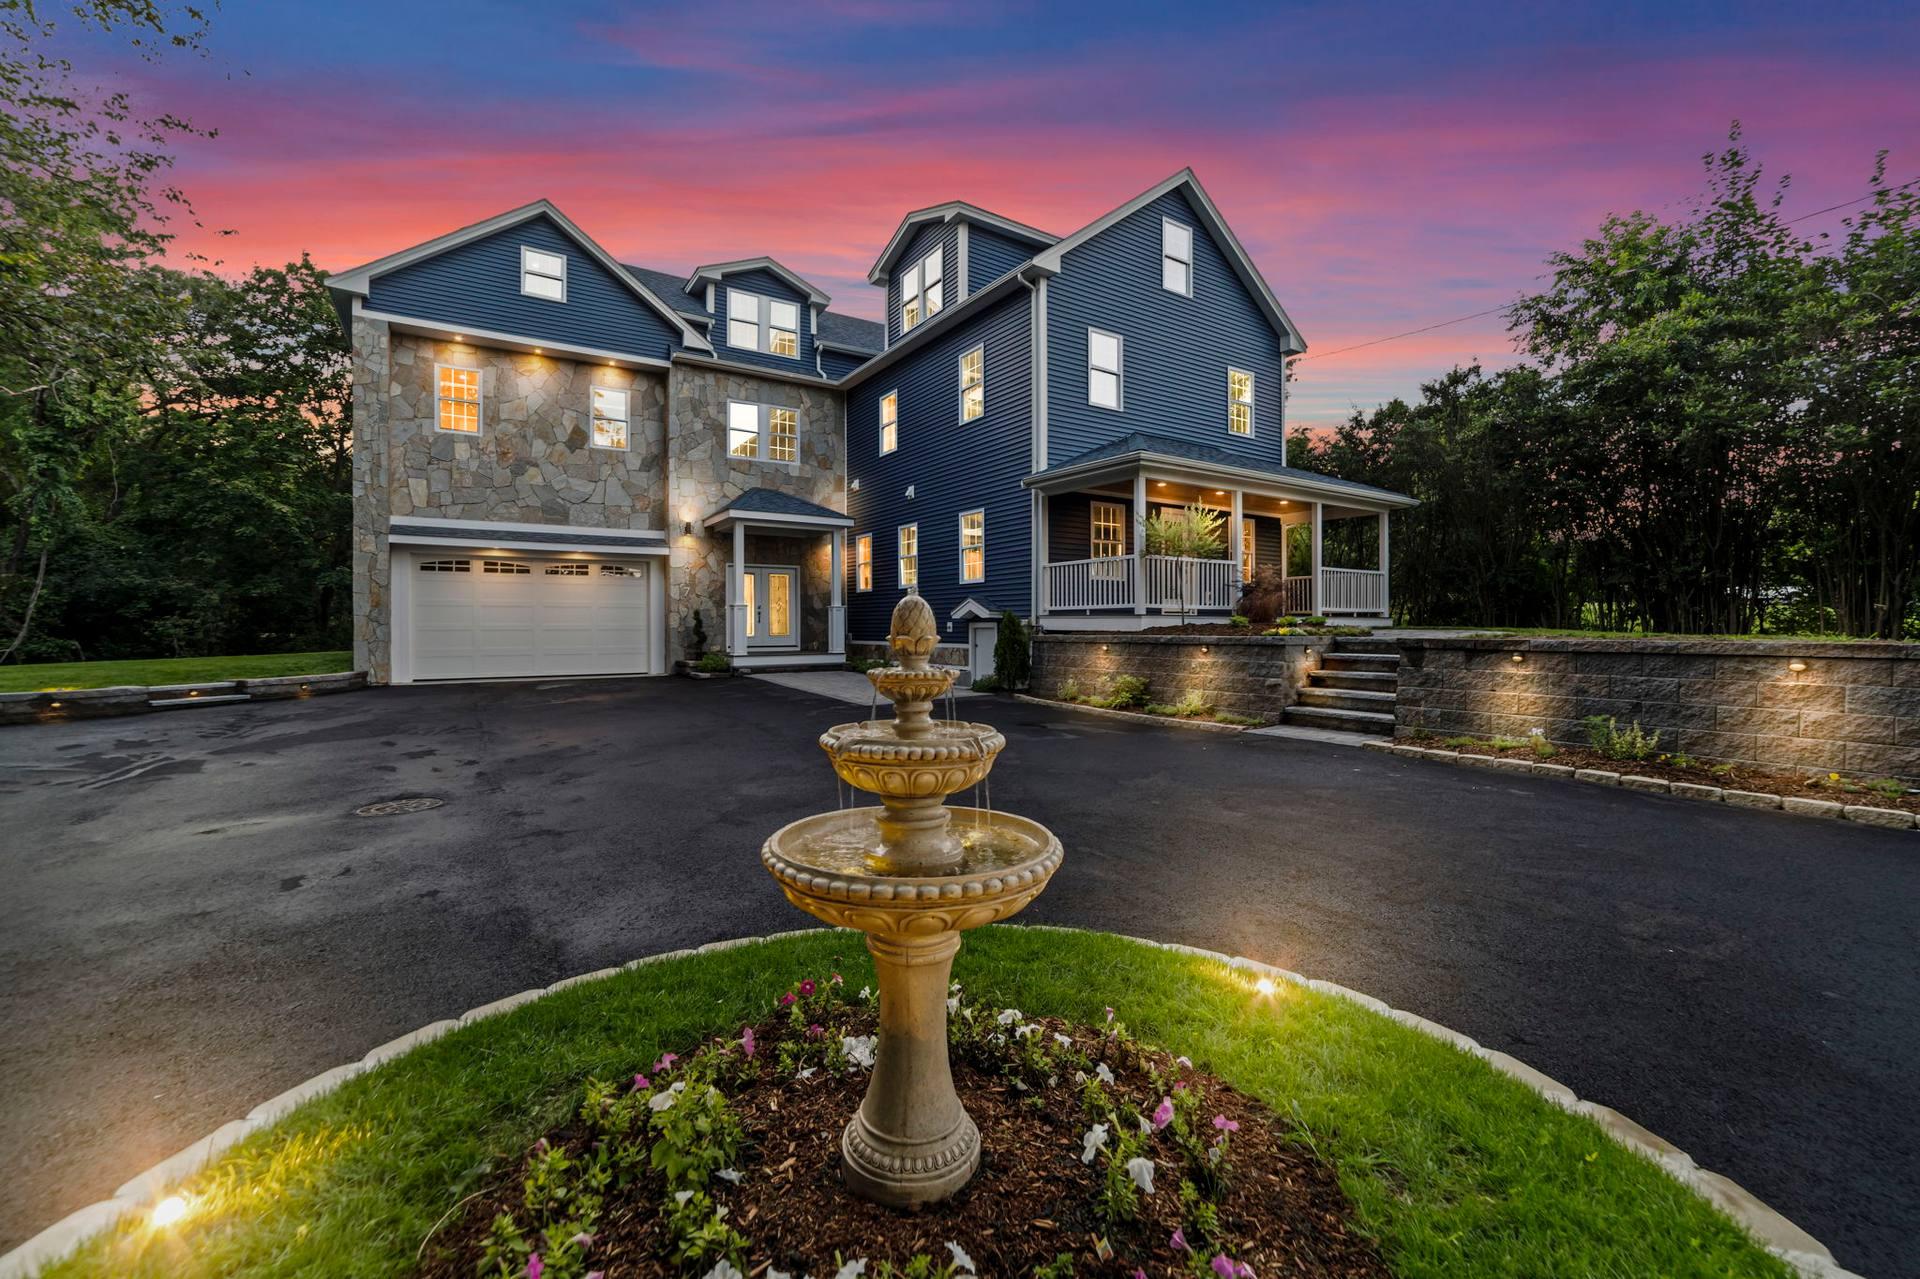 647 Granite St, Braintree, MA 02184, USA